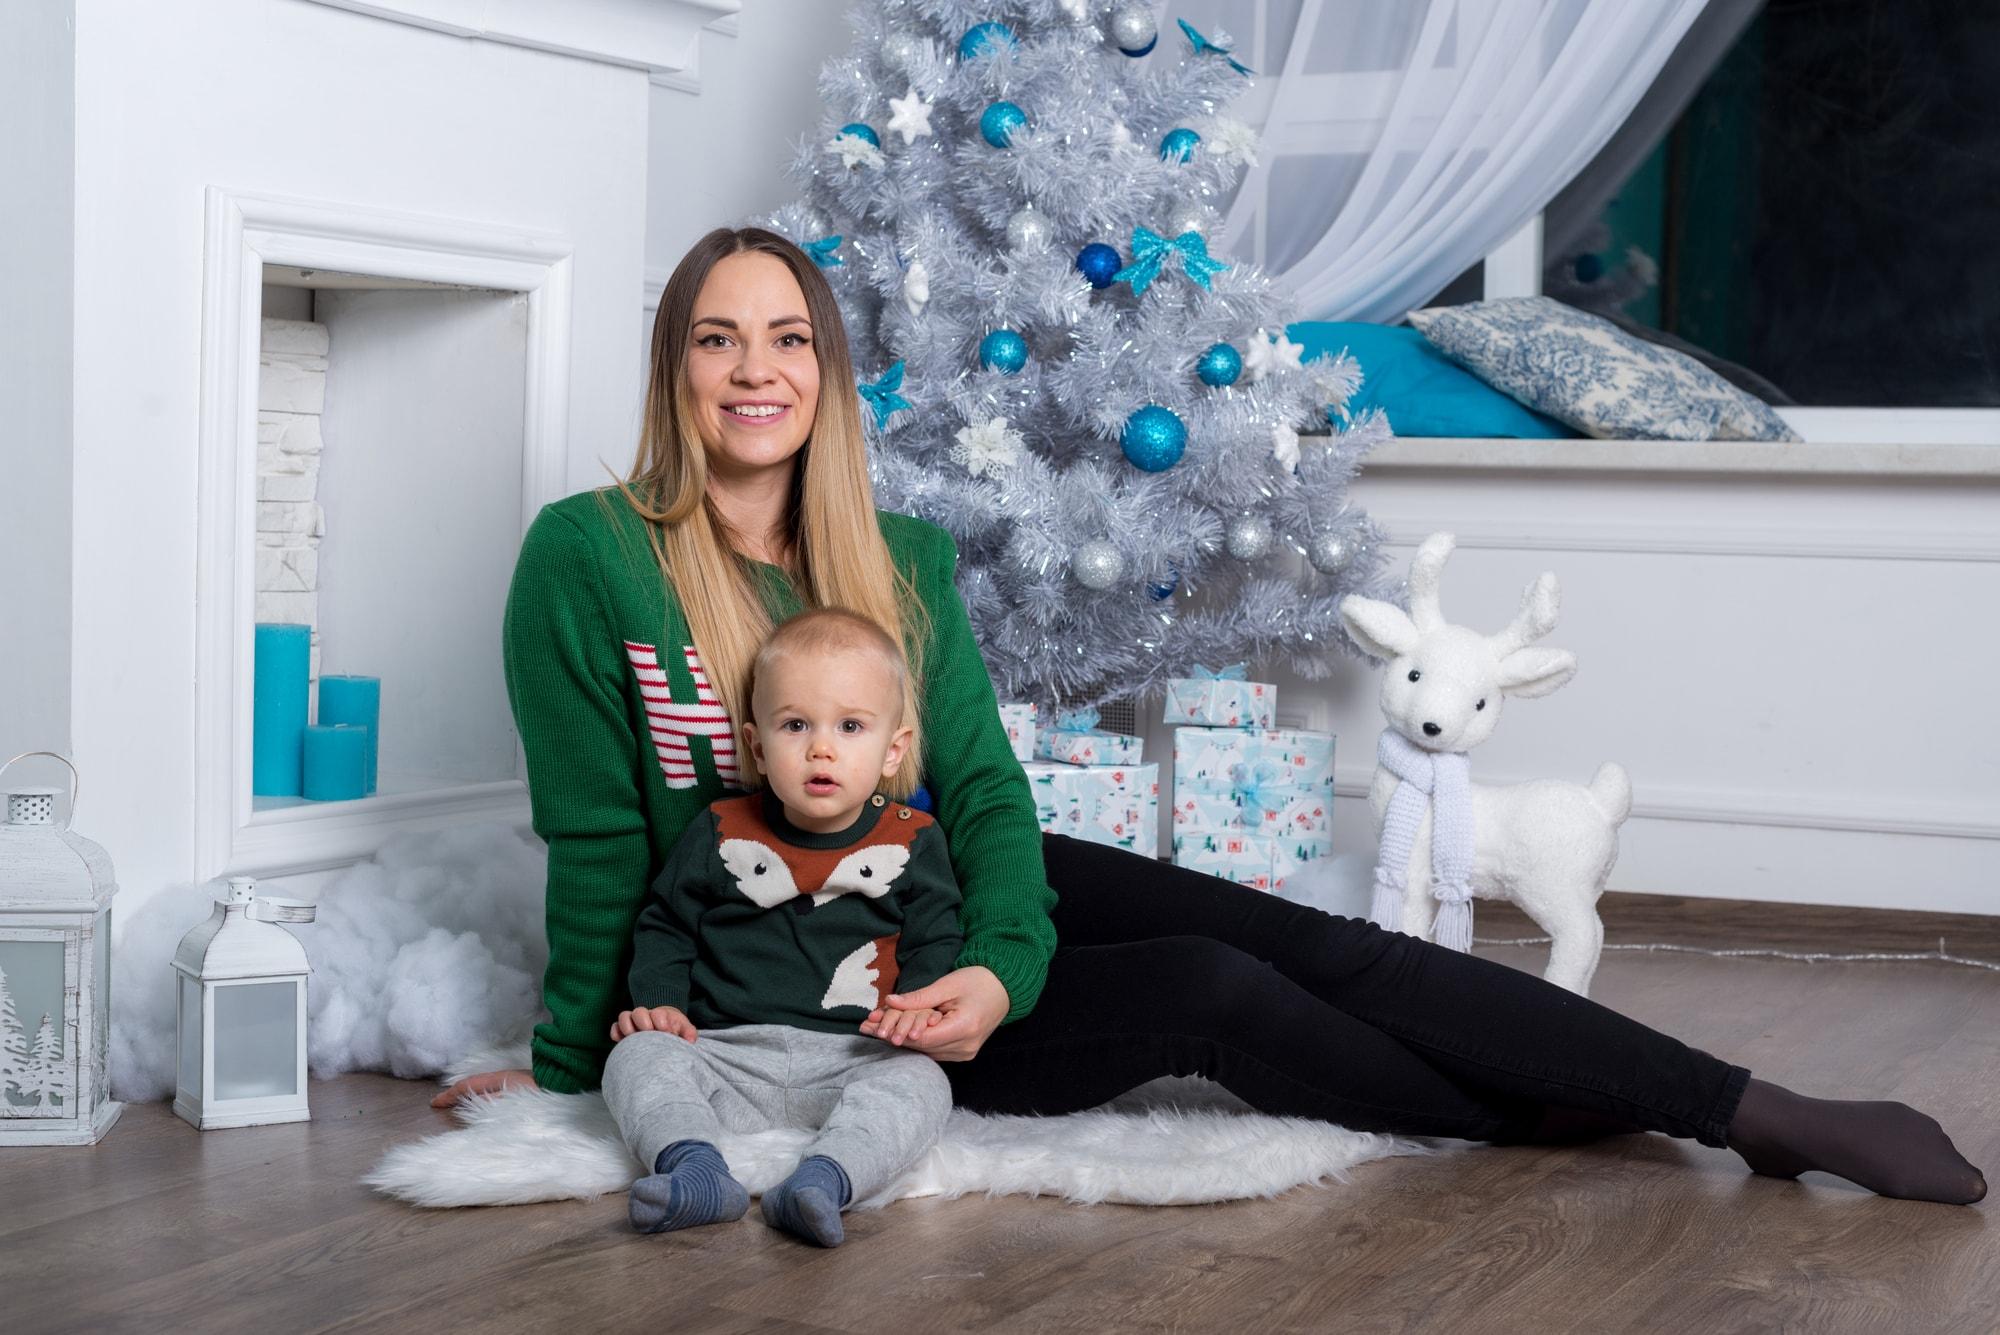 Семейная фотосессия в студии Amore - мама с сыном возле елки